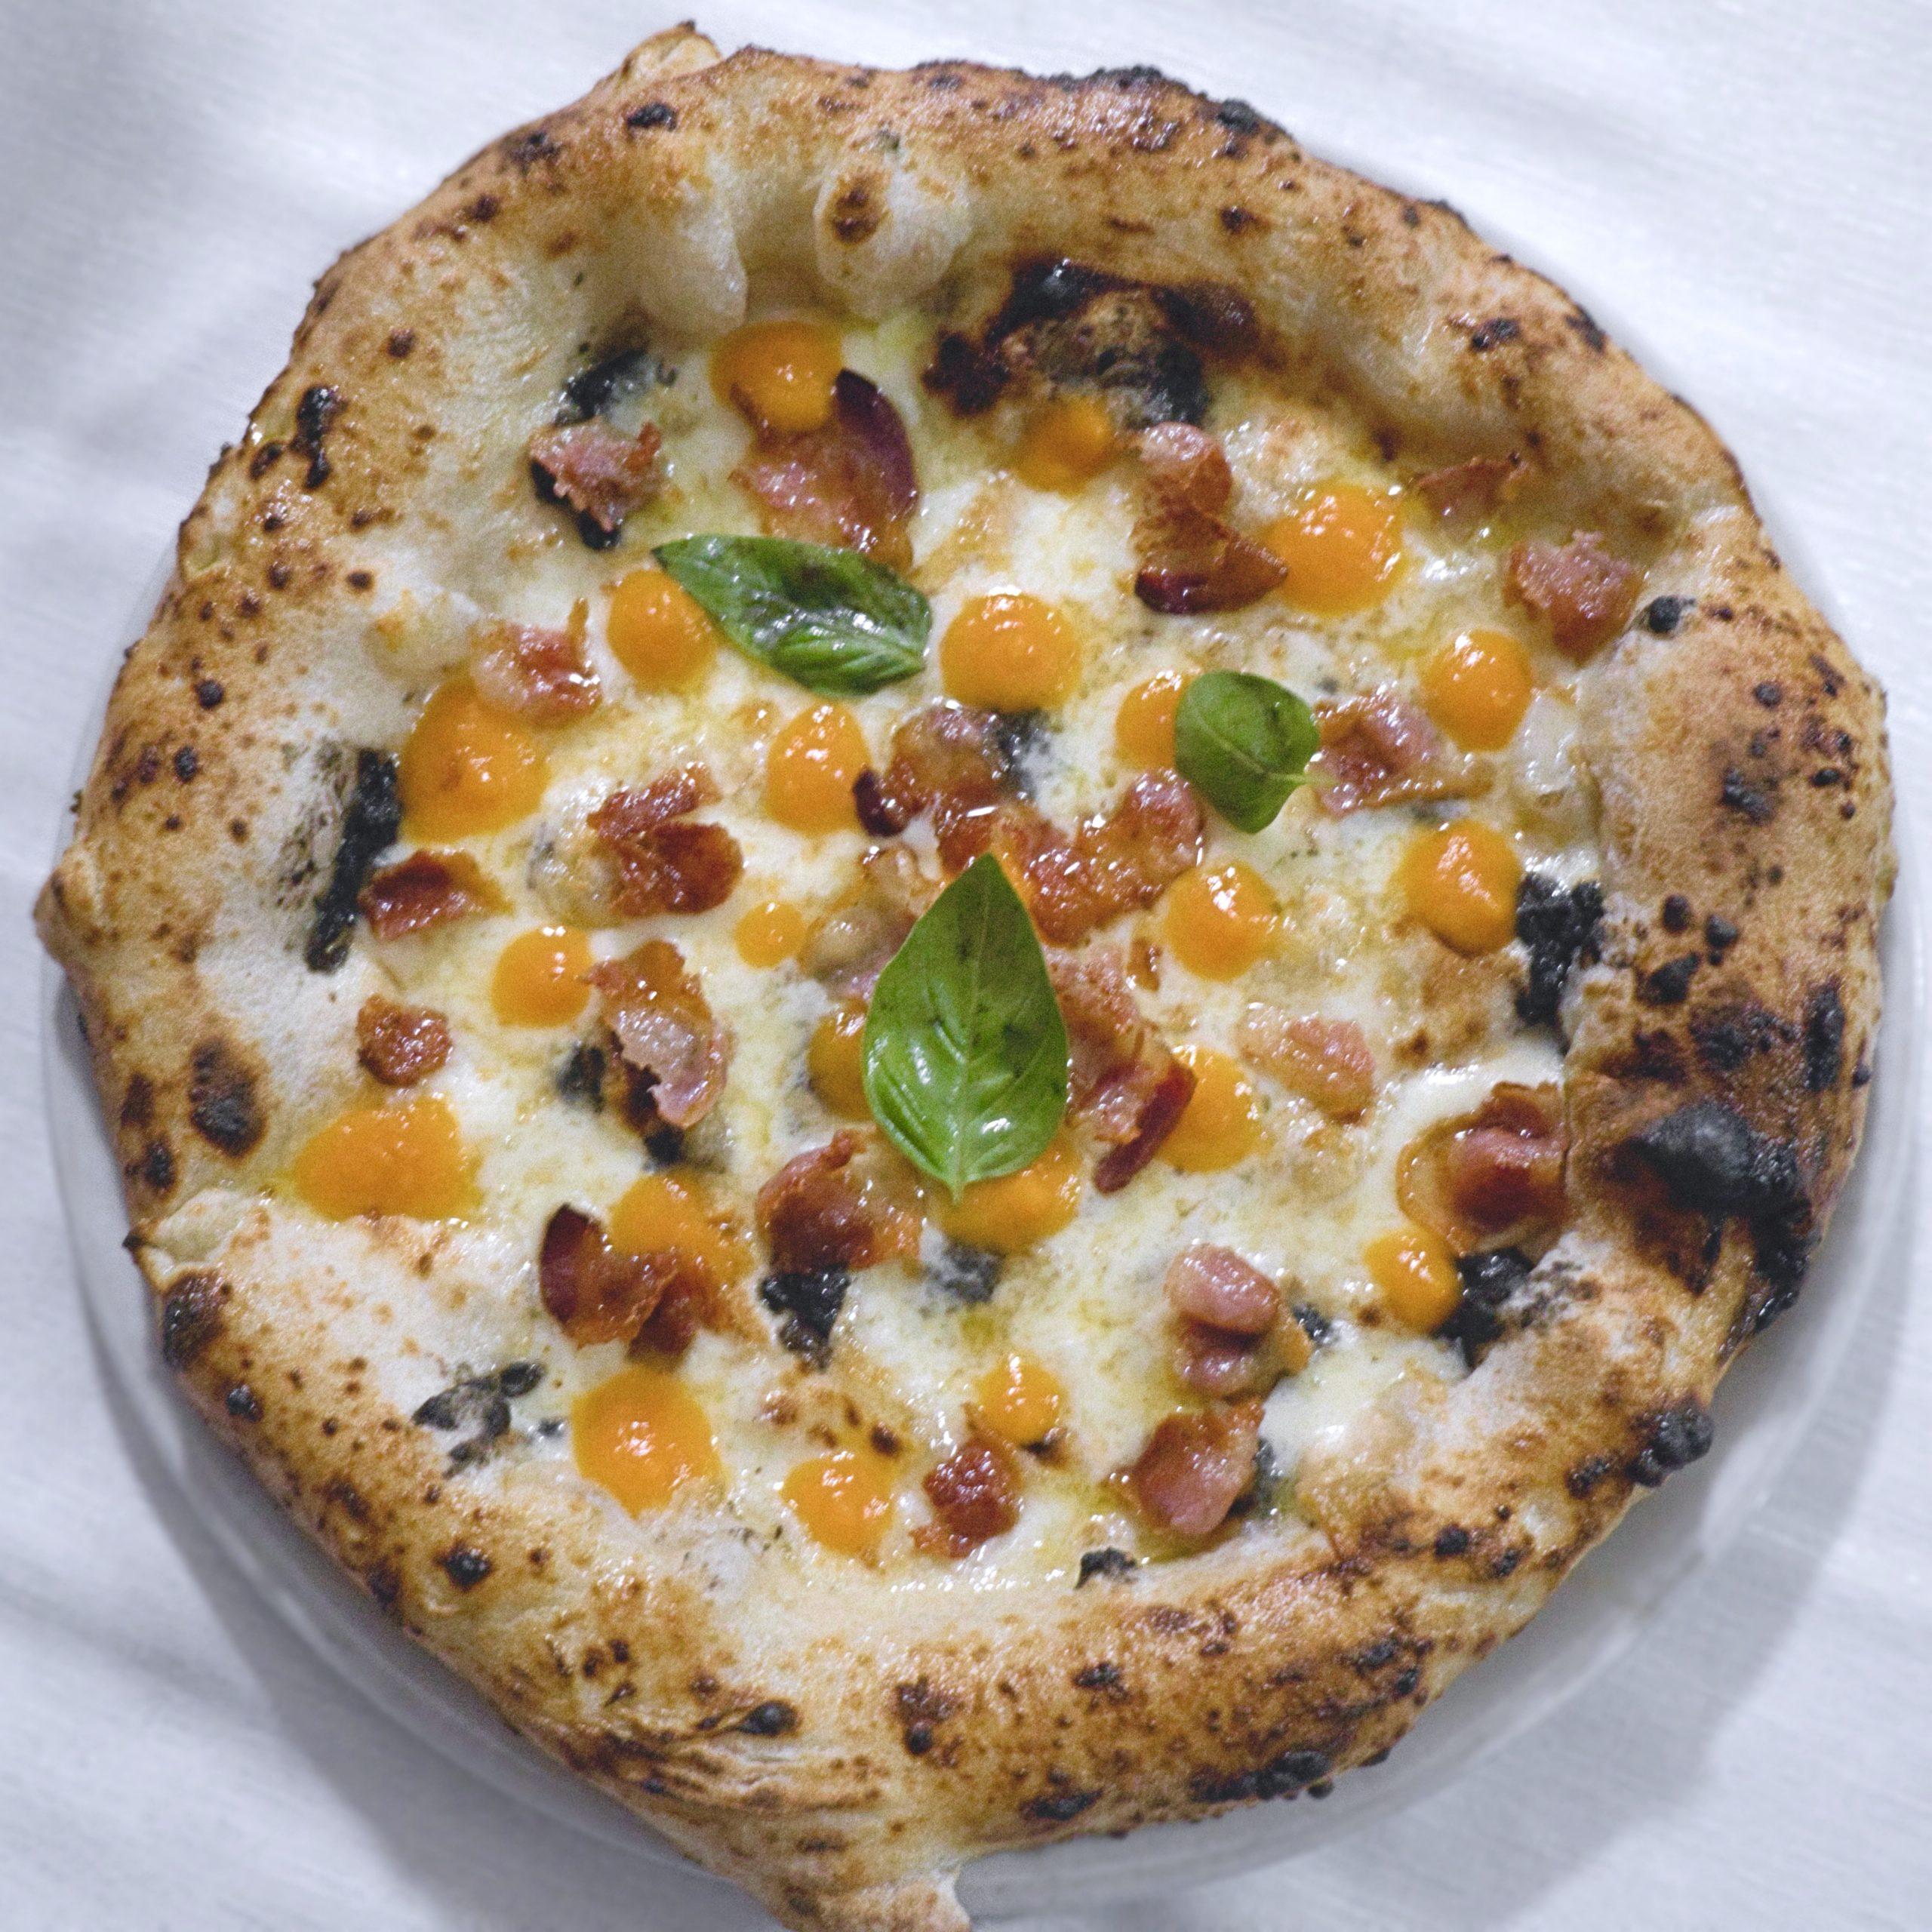 Piennollo giallo (Pizzeria Tenuta Paino, Lauro, Caserta)